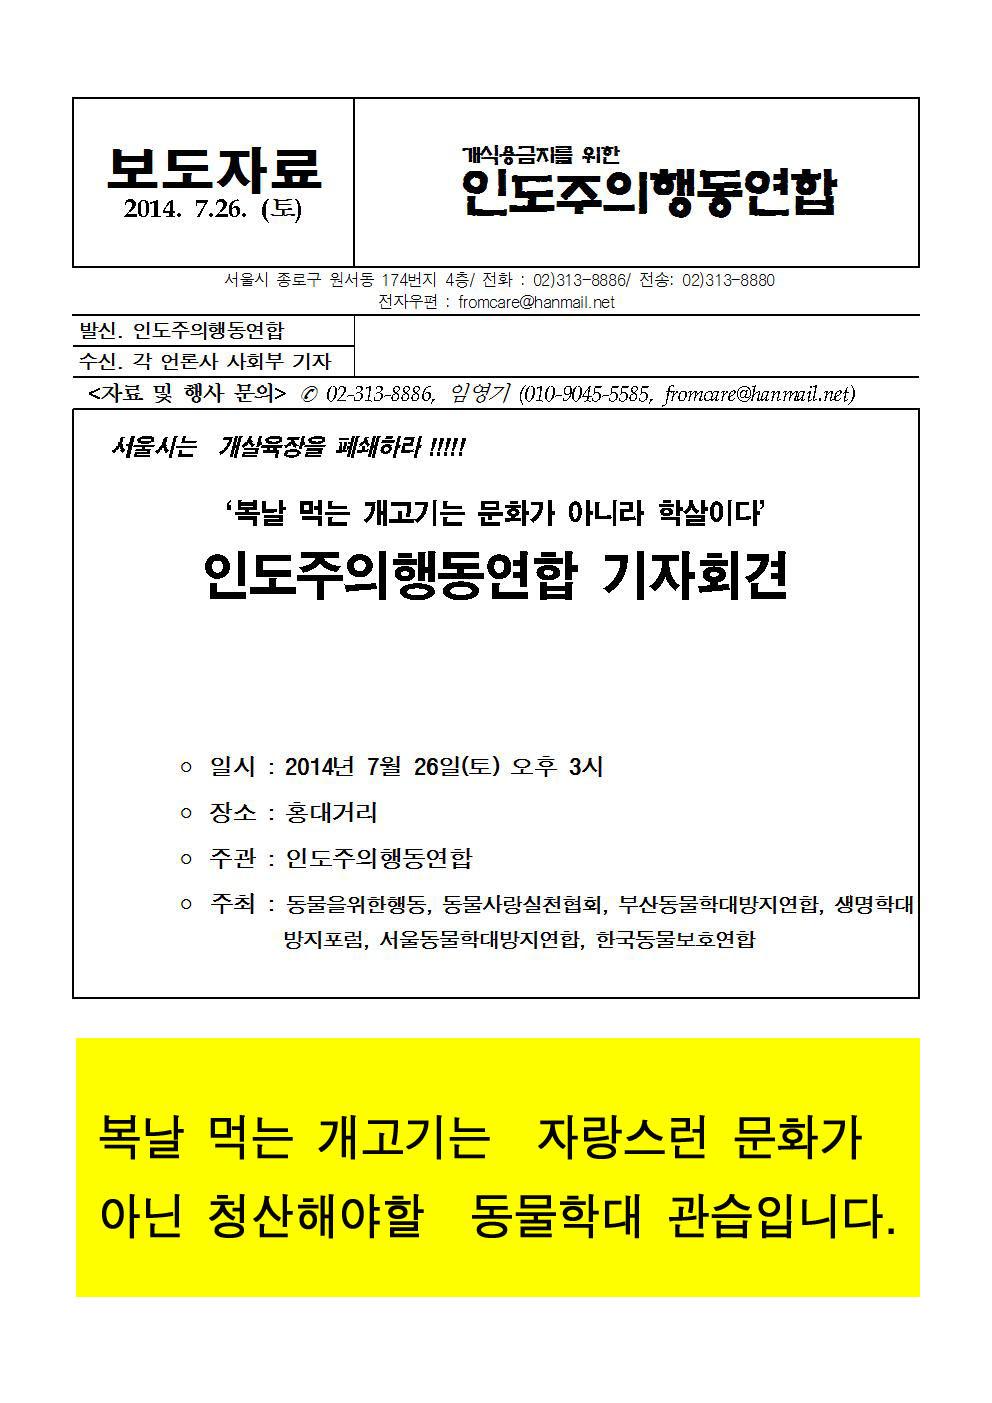 [보도자료]개식용금지_홍대기자회견006.jpg